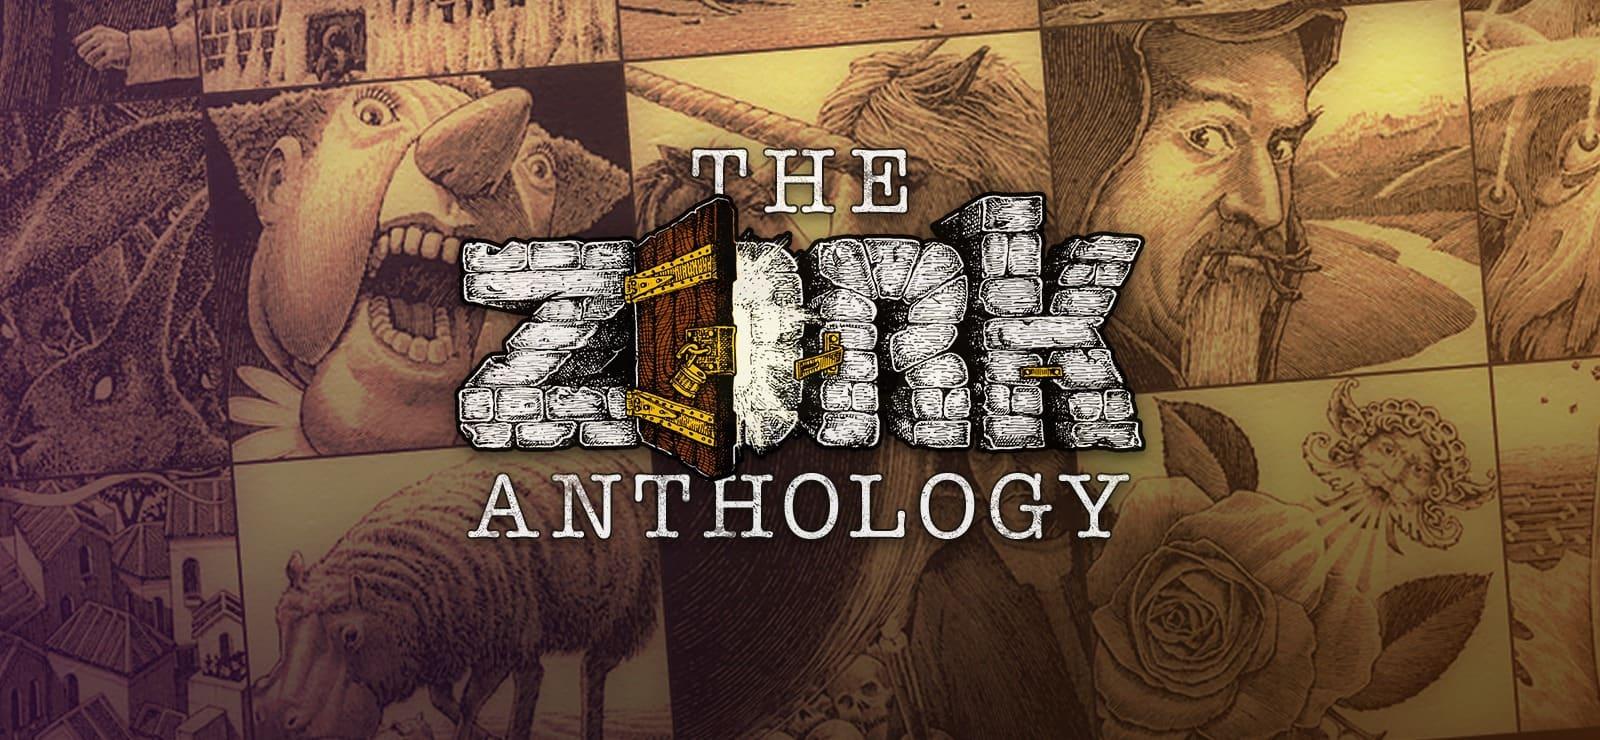 The Zork Anthology